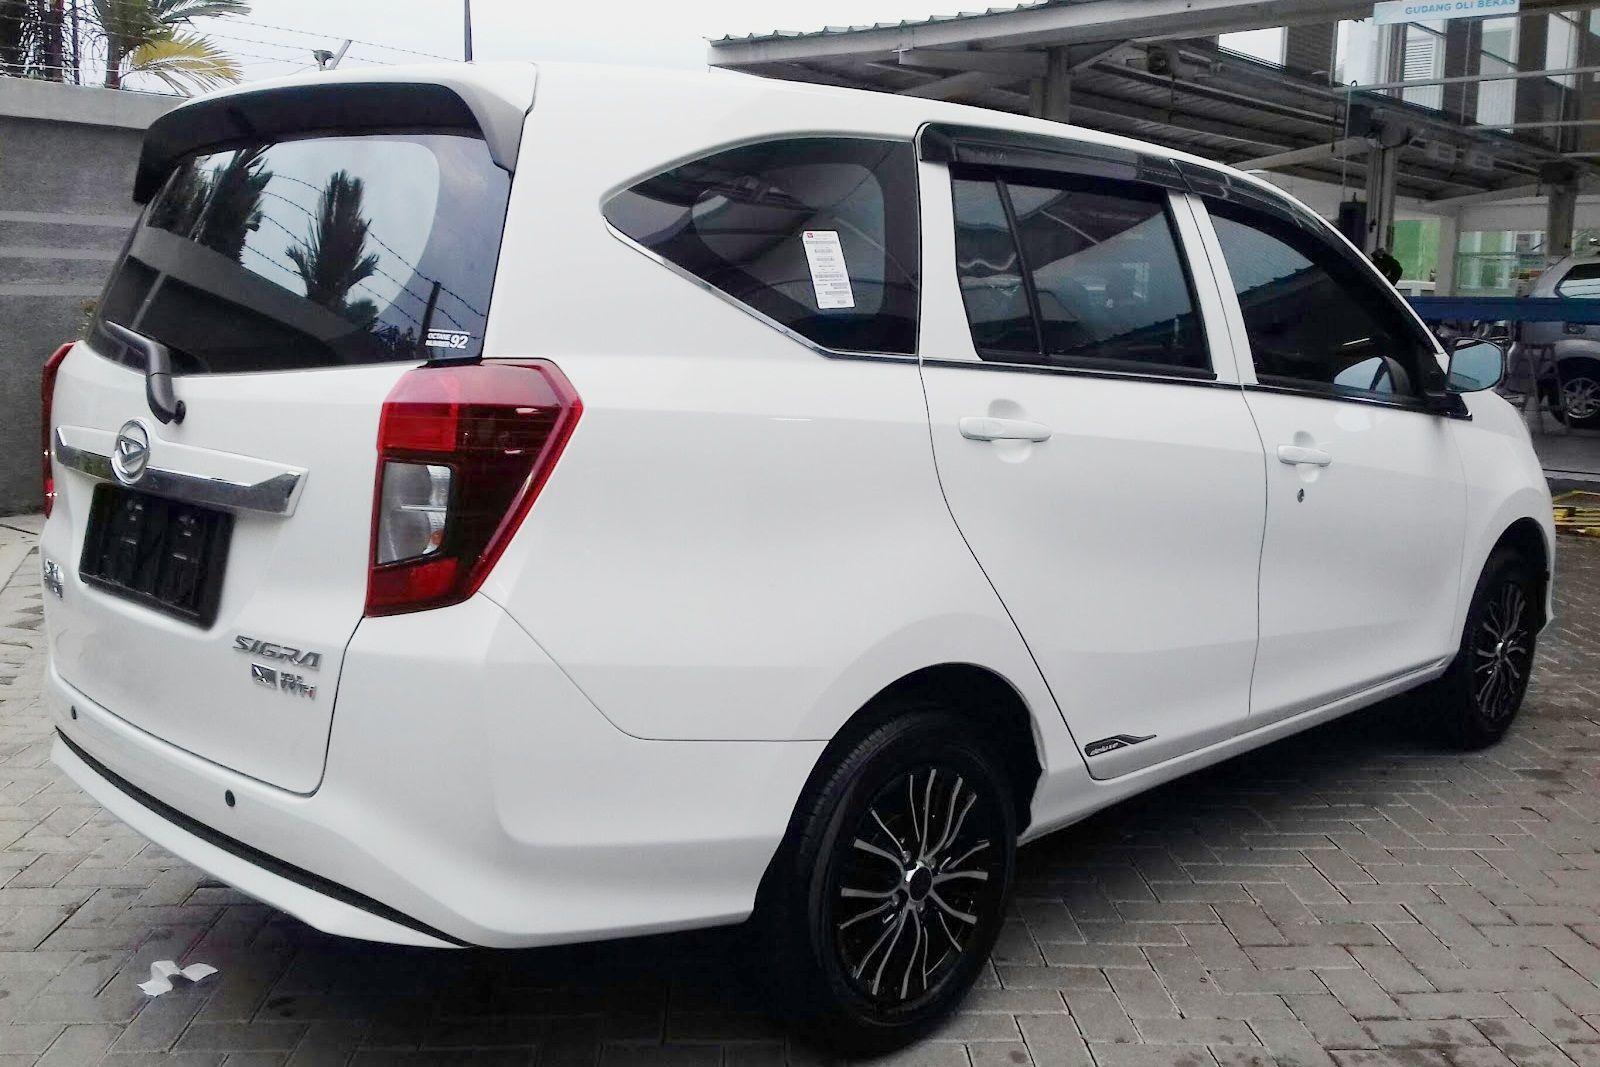 Modifikasi Mobil Sigra Warna Putih Modifikasi Mobil Daihatsu Kendaraan